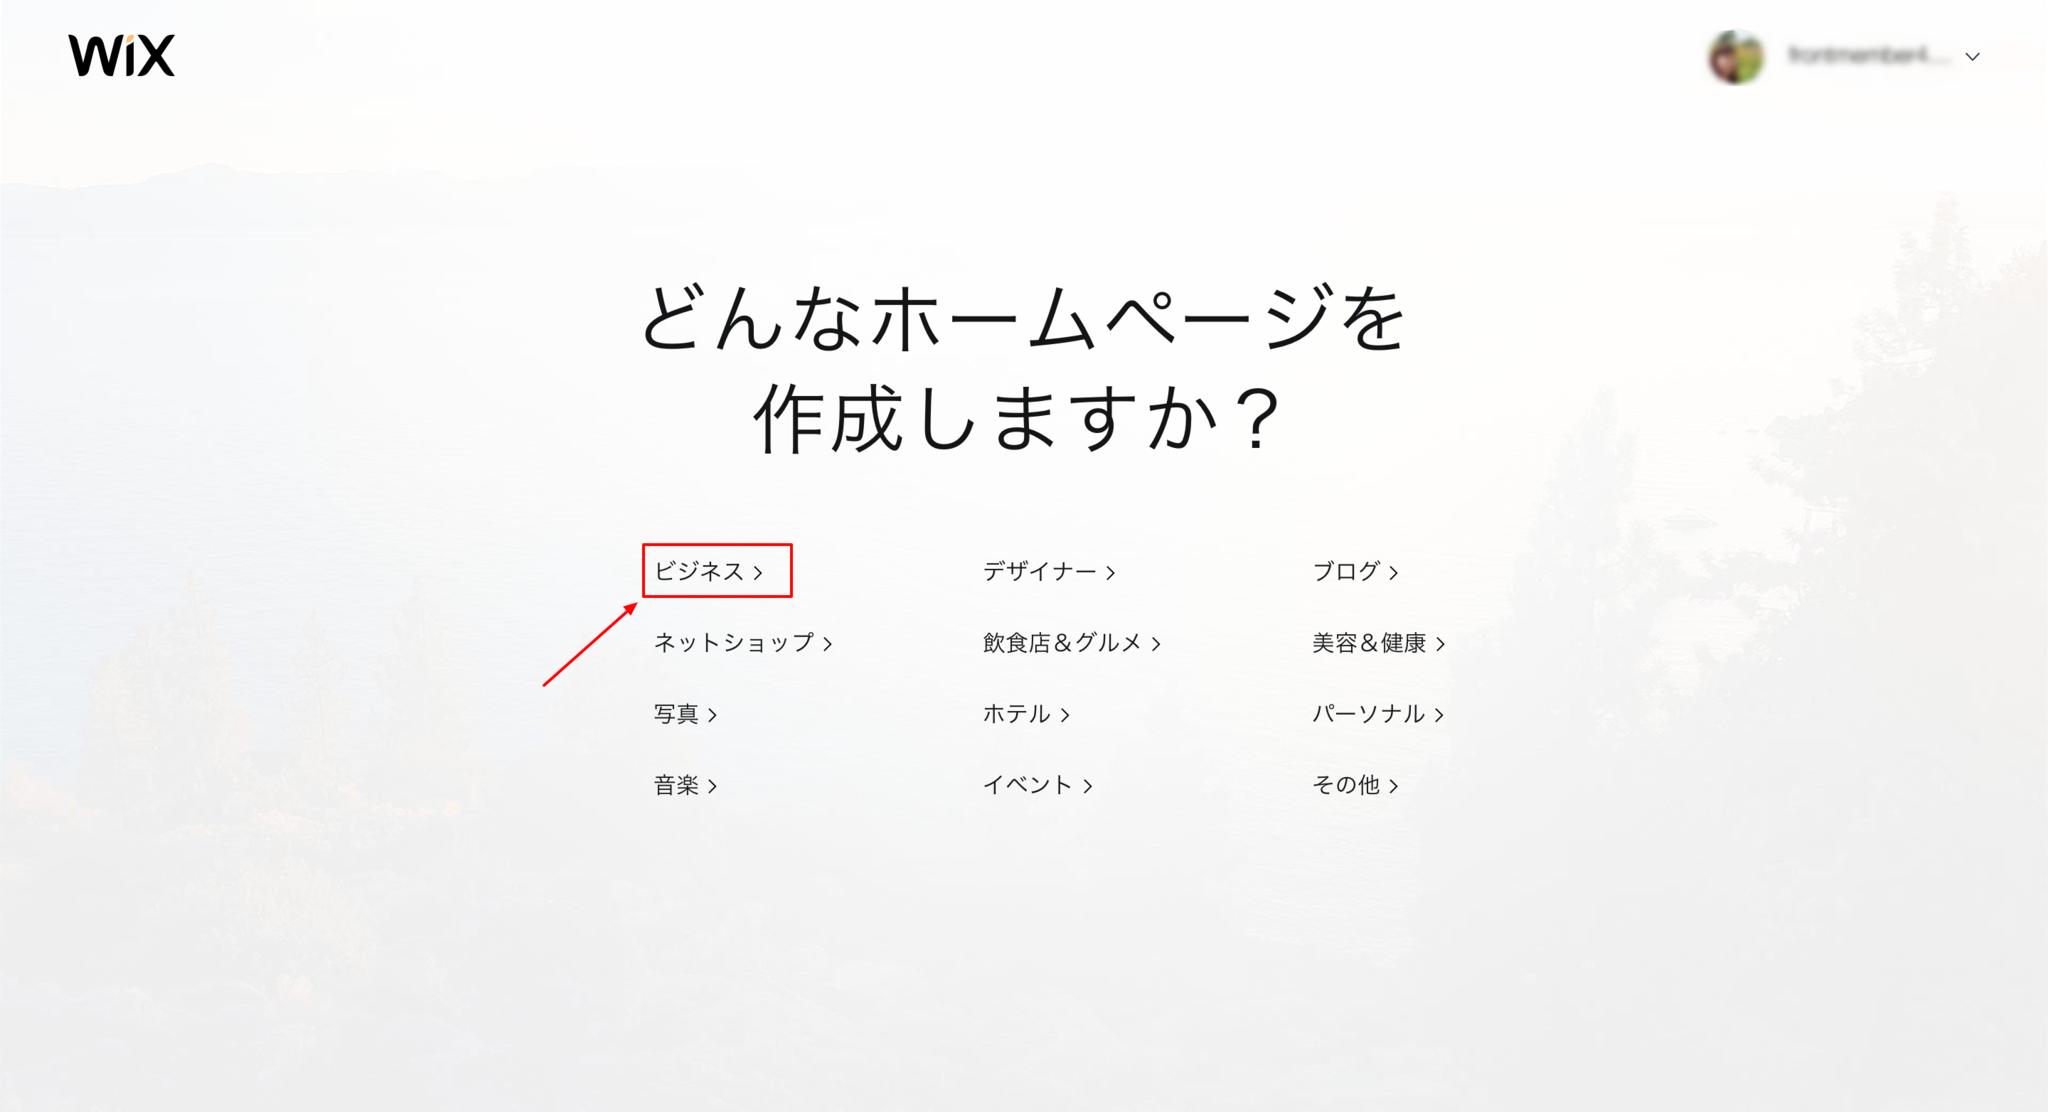 ホームページ作成___無料ホームページの作り方___WIX_(3).png